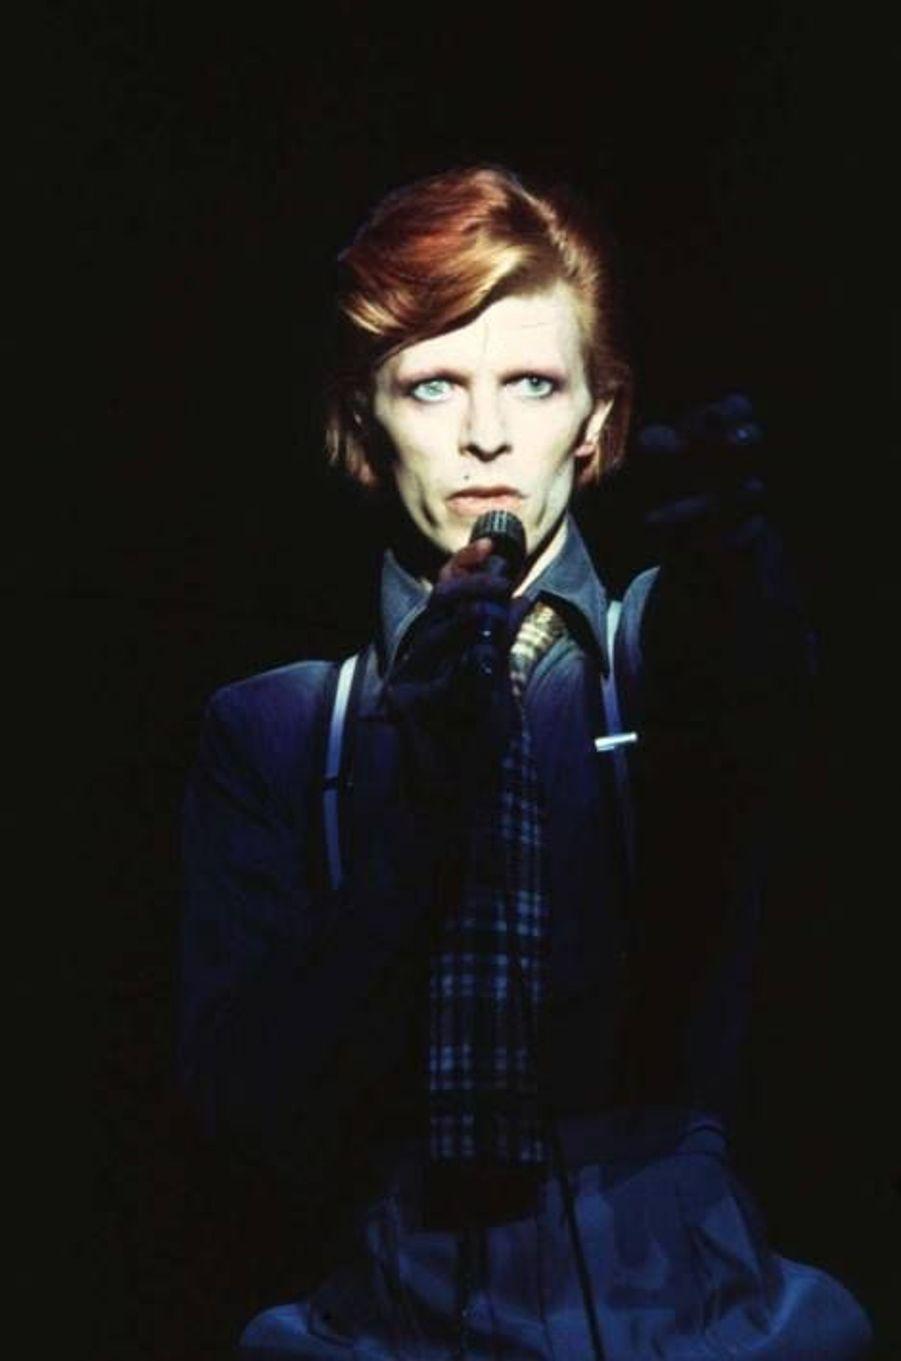 David Bowie, retour vers le futur